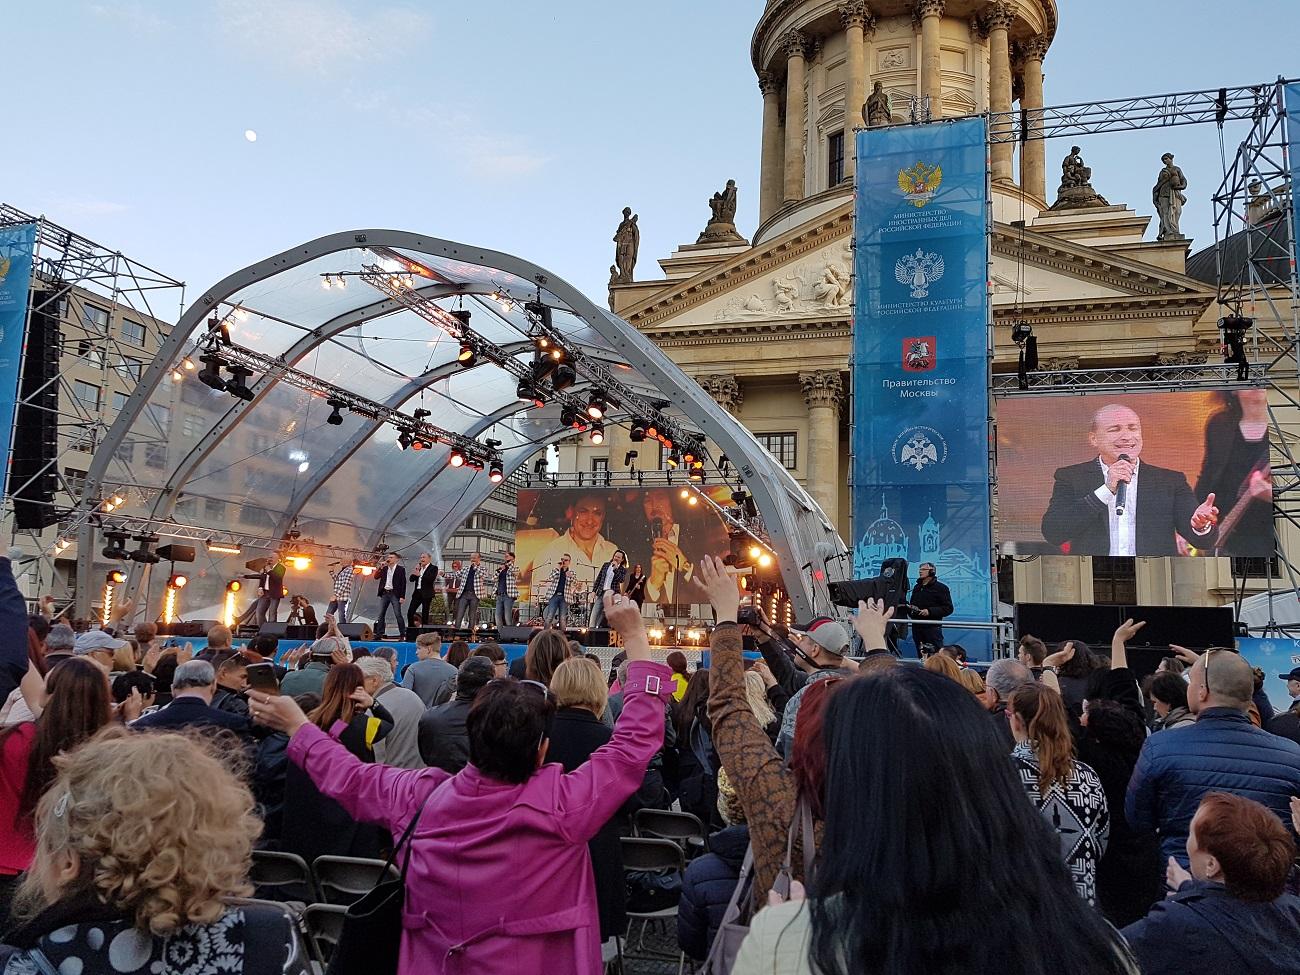 Der populäre russische Turetsky-Chor trat am 7. Mai auf dem Gendarmenmarkt in Berlin vor der prächtigen Kulisse des Deutschen Doms auf.